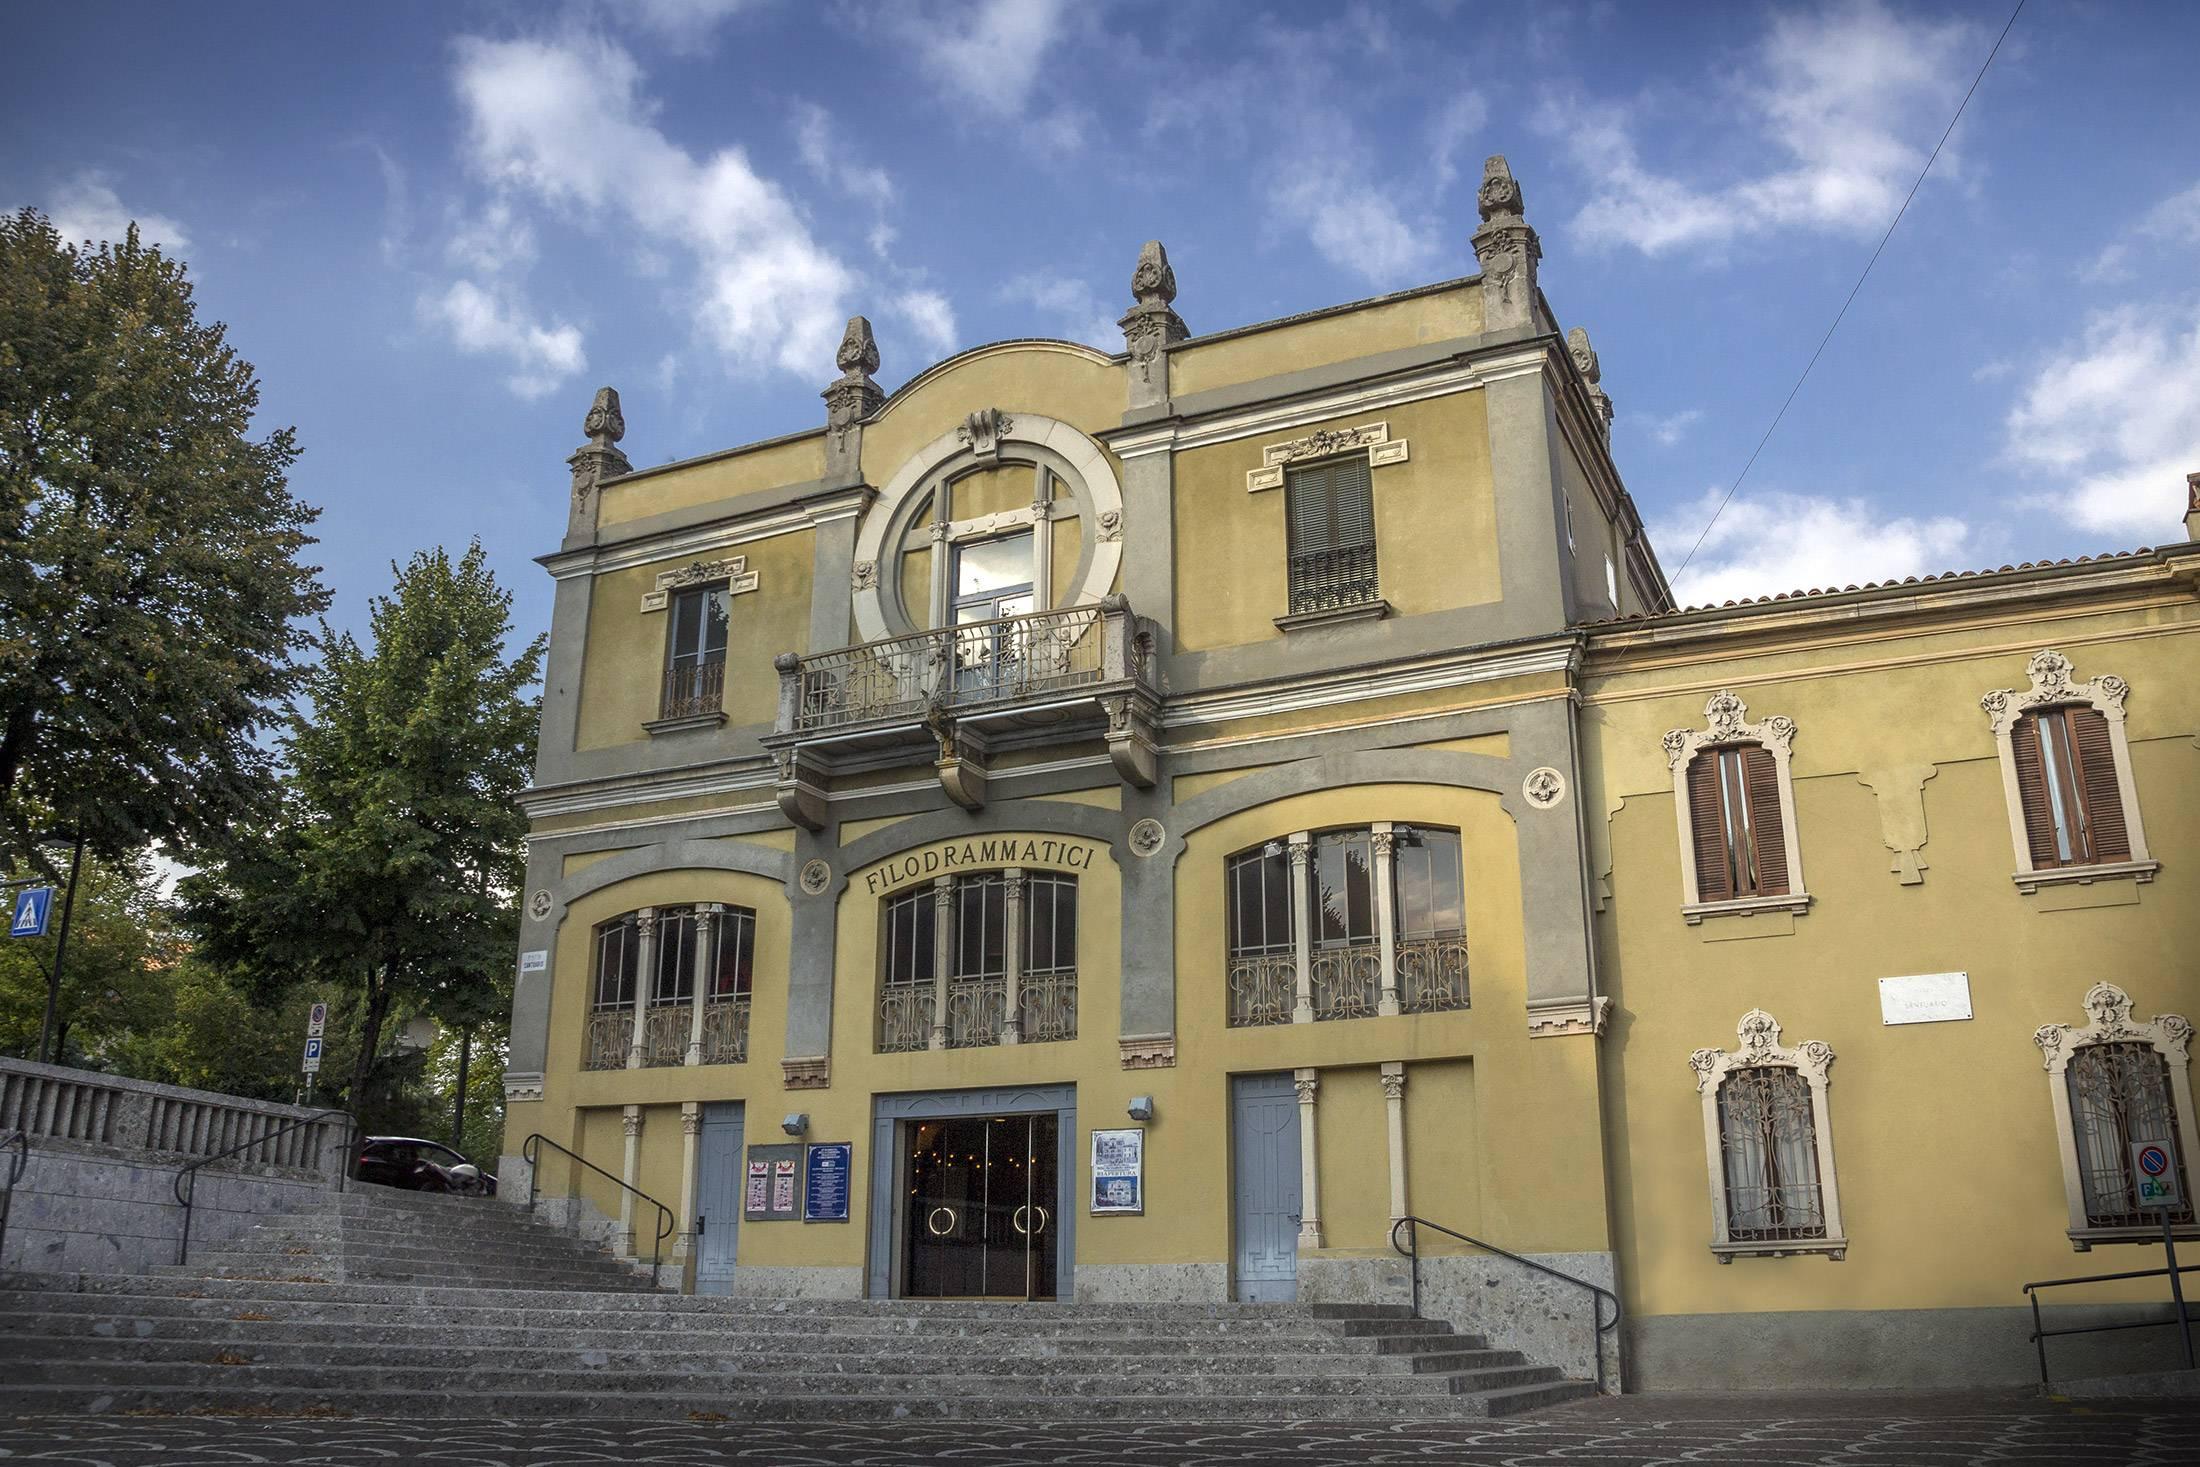 Teatro Filodrammatici Treviglio